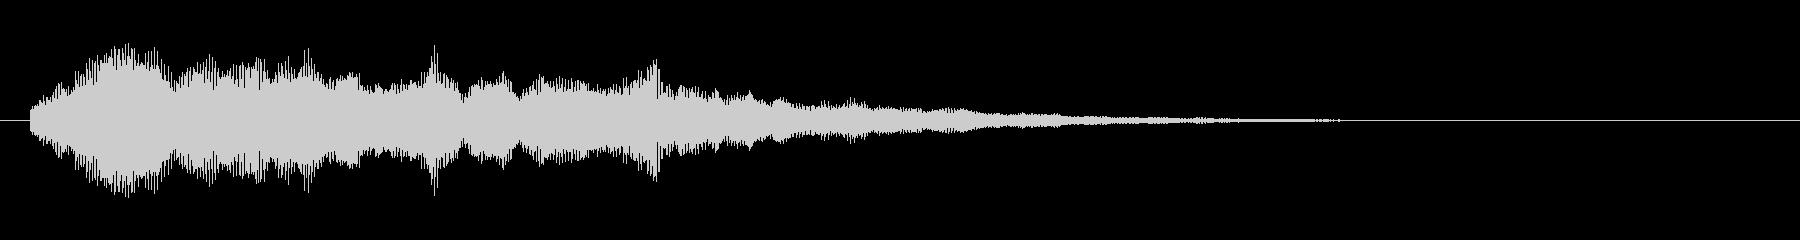 早押しボタン(シャラーン)の未再生の波形